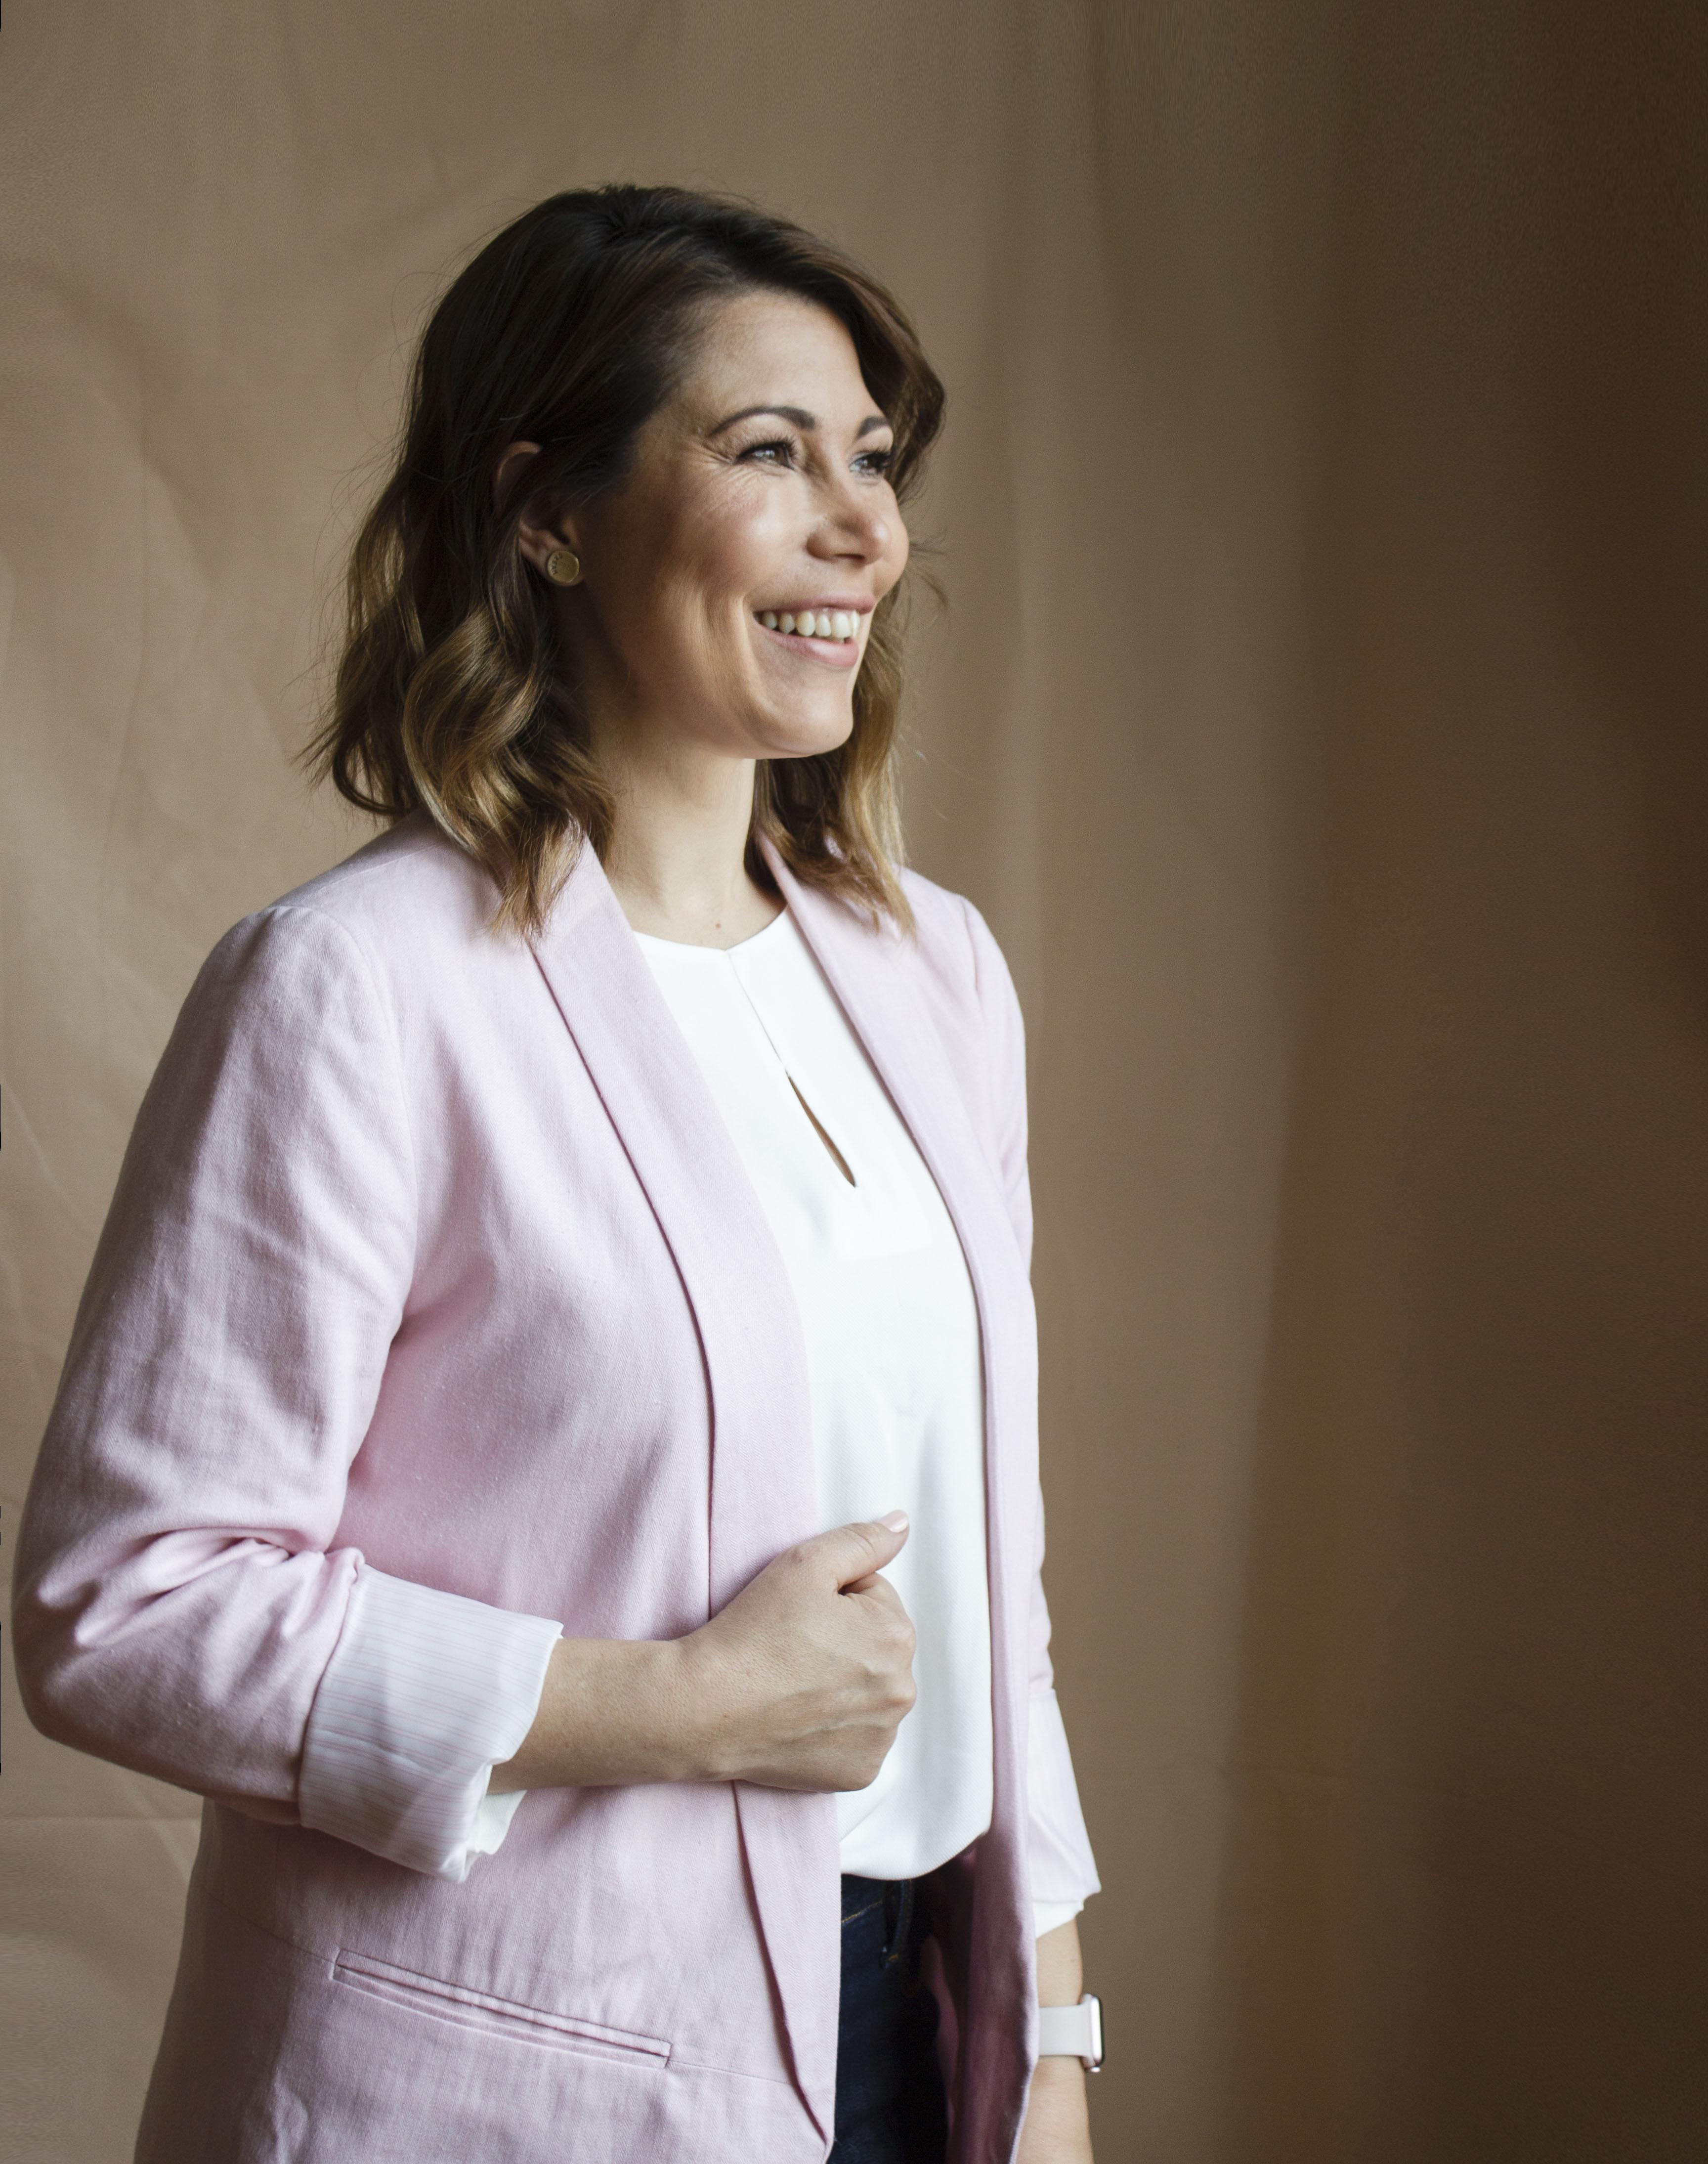 Natascha Mostert